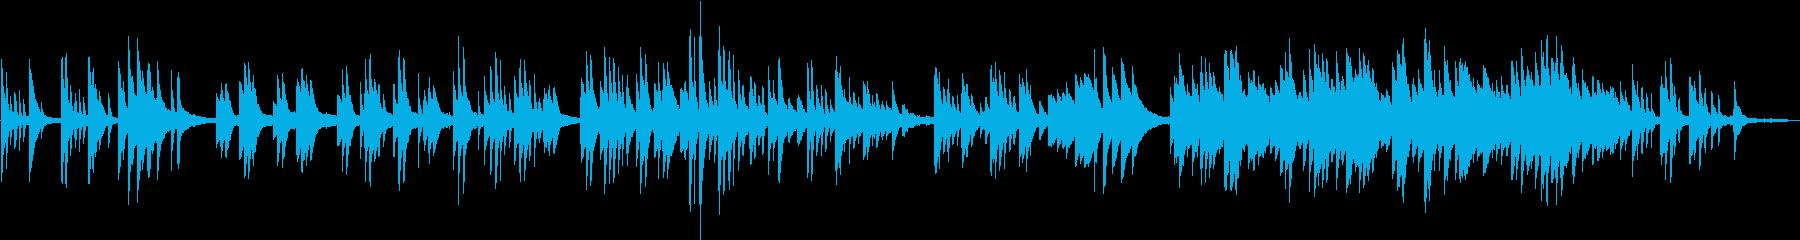 童謡「赤とんぼ」エモいチルピアノアレンジの再生済みの波形